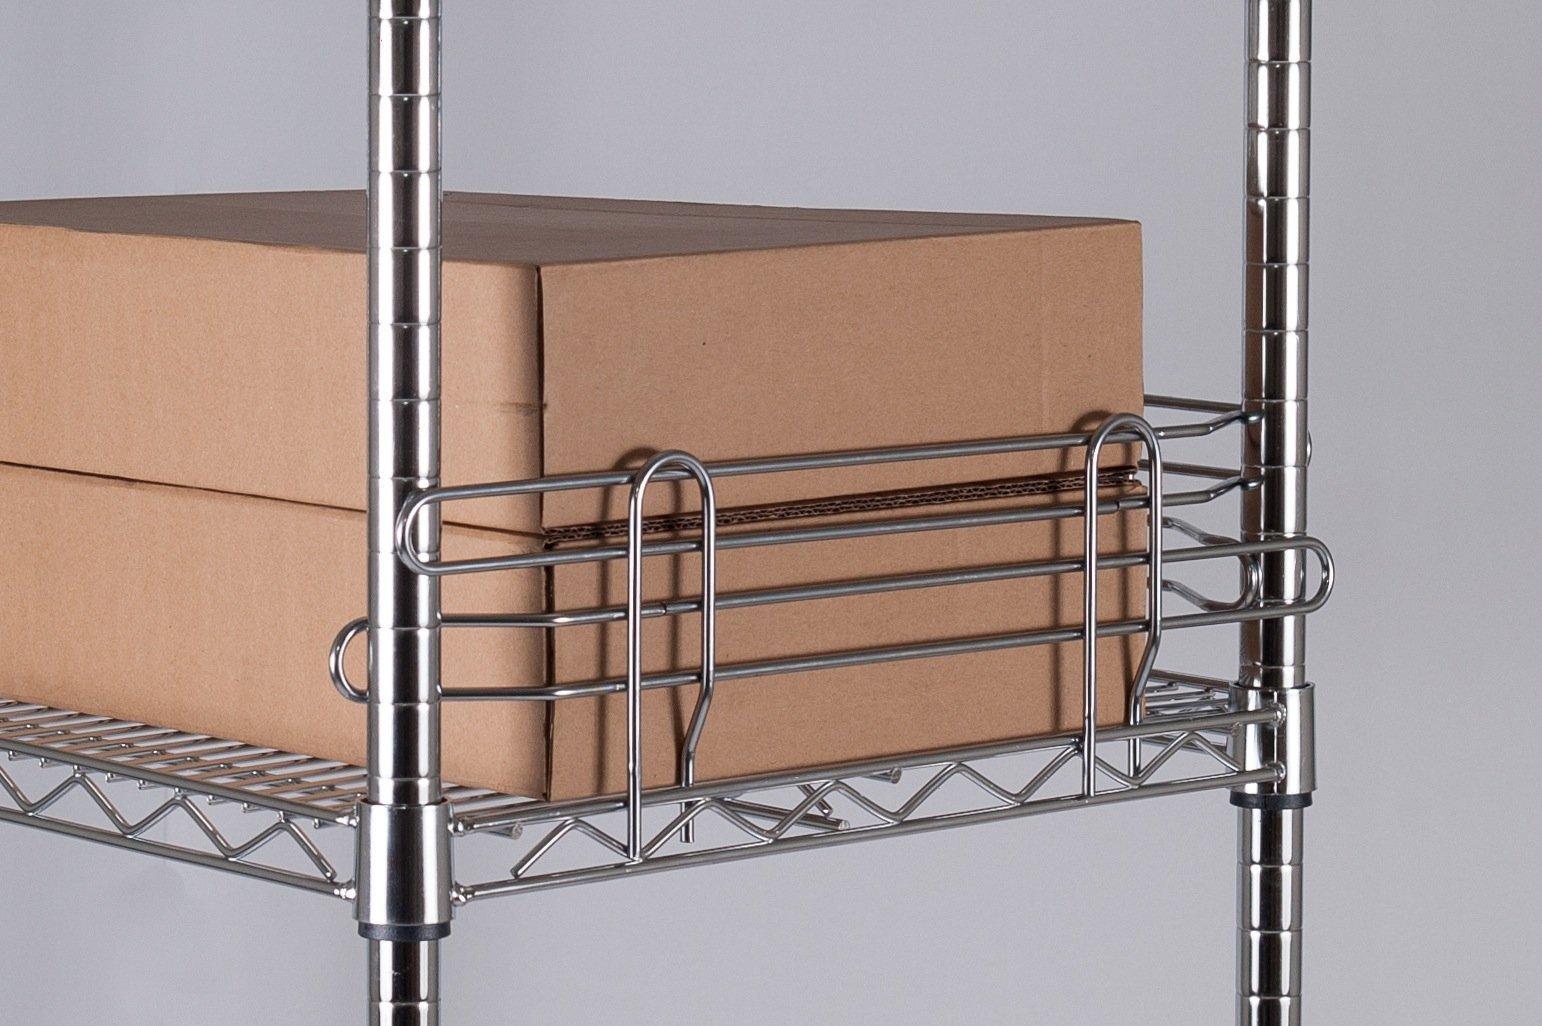 【鐵架工場】新品 - 60cm側擋井字圍籬~圓圍籬~置物架 ~鍍鉻層架~波浪架~鐵架